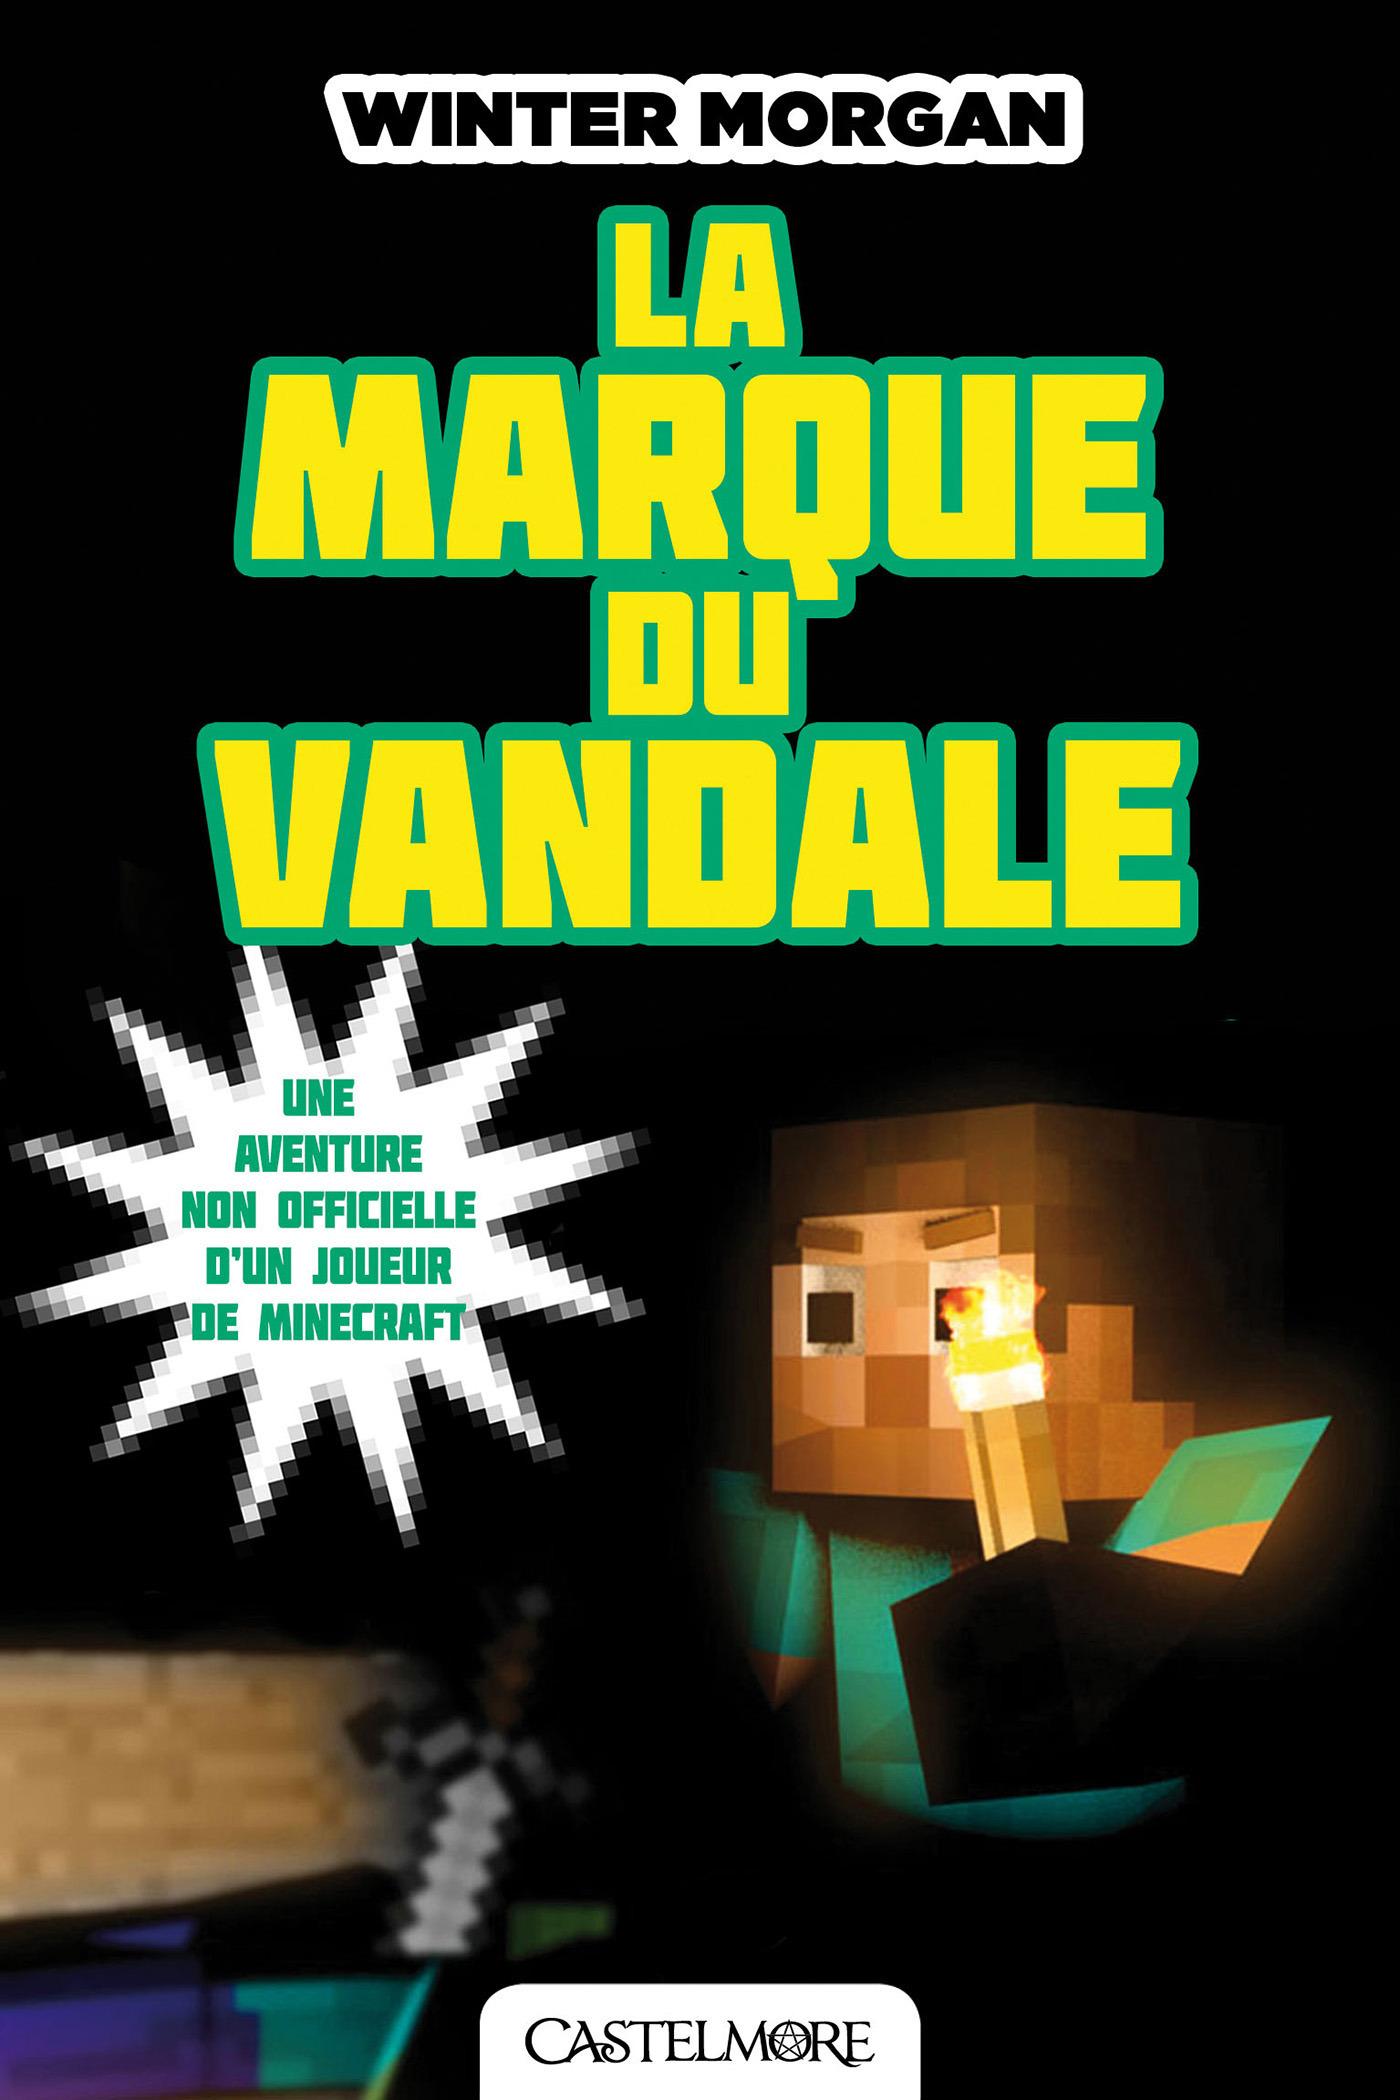 Minecraft - les aventures non officielles d'un joueur T.2 ; la marque du Vandale